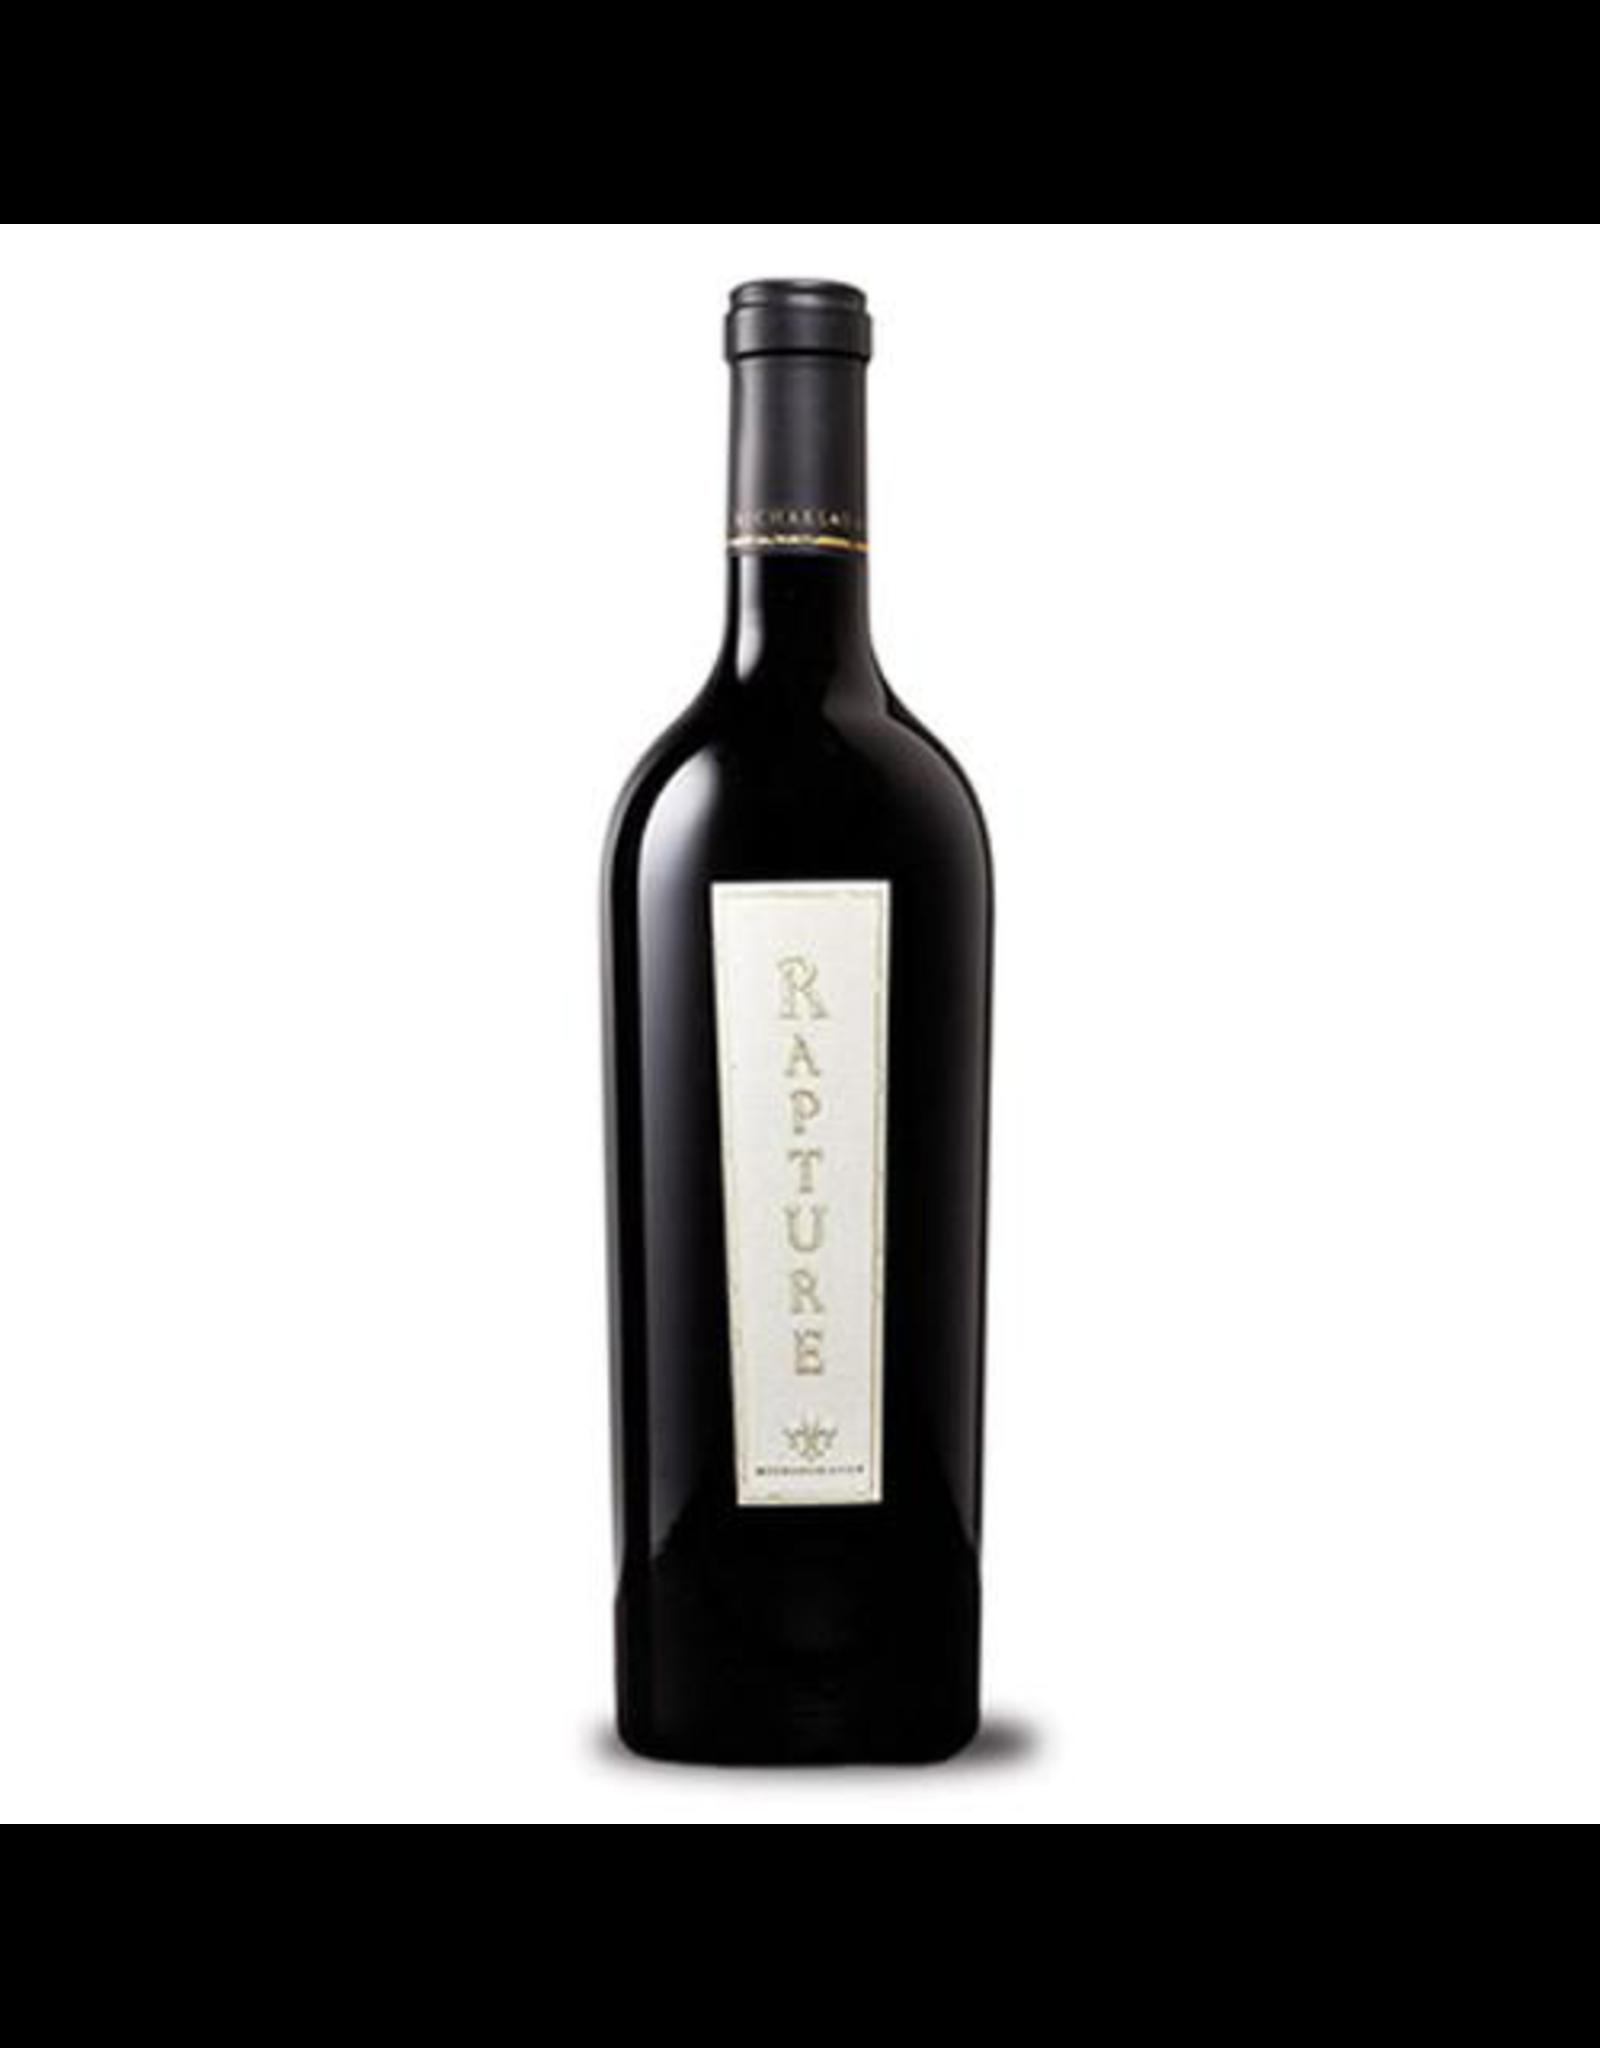 Red Wine 2012, Michael David, Rapture, Cabernet Sauvignon, Lodi, Central Valley, California, 14.8% Alc, CT91